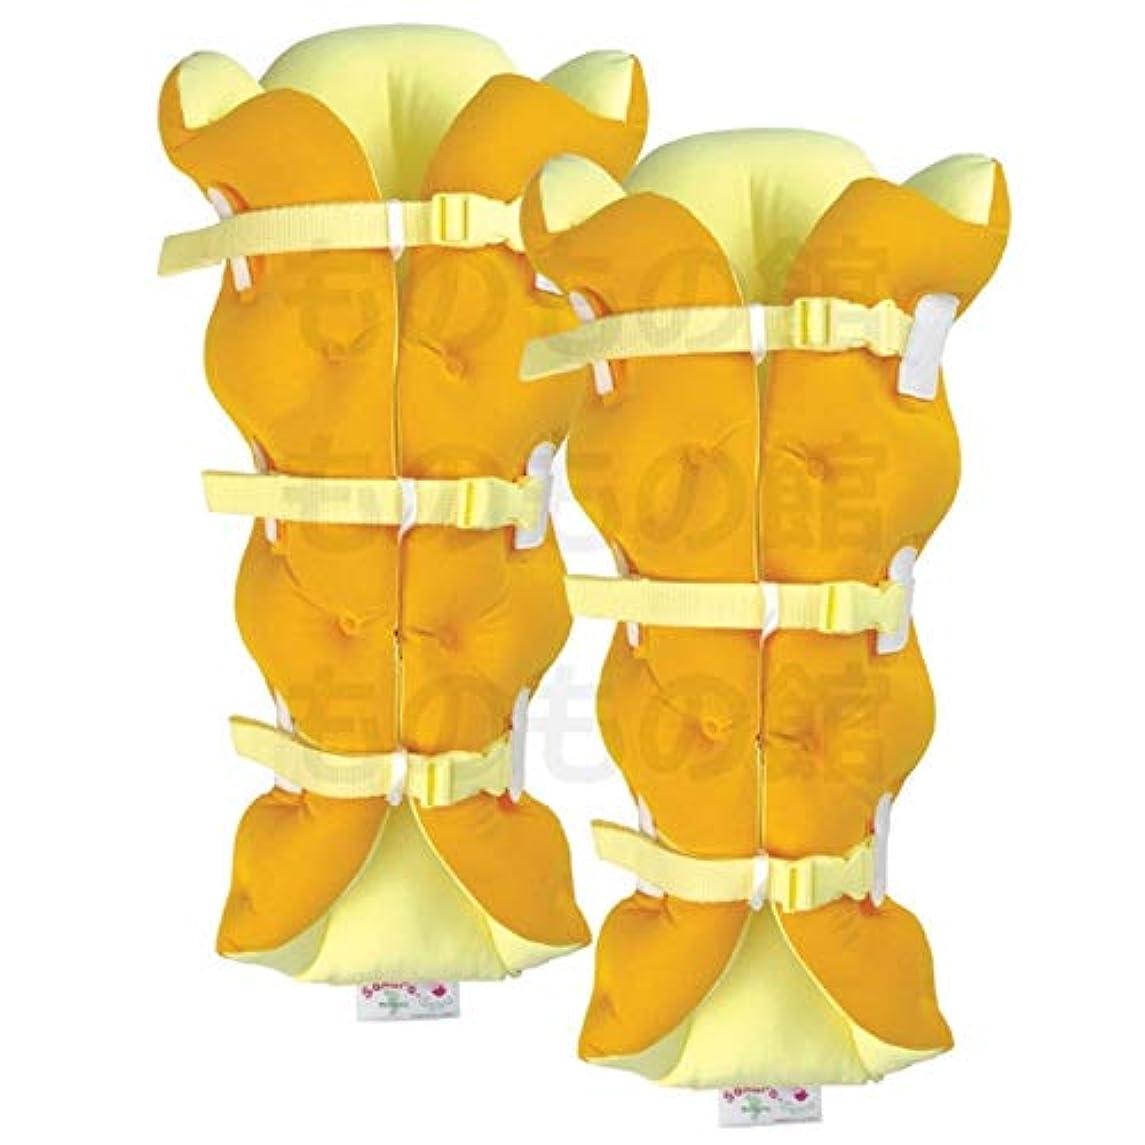 農場ポーチ本土サクラ咲く足まくら EVOLUTION (両足セット) オレンジ